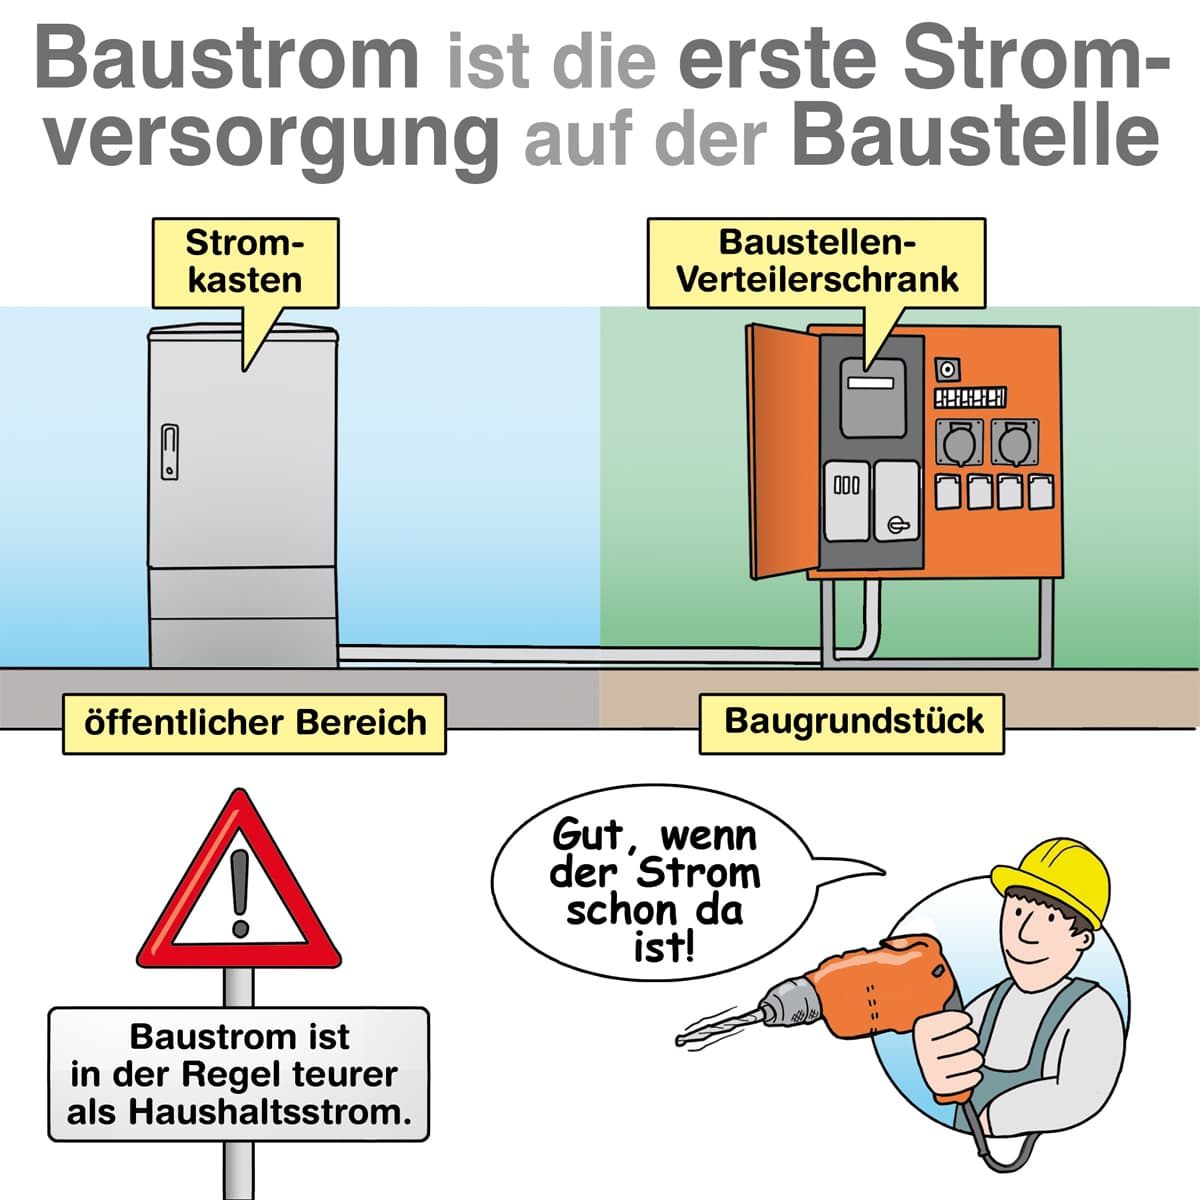 Baustrom ist dei erste Stromversorgung auf der Baustelle